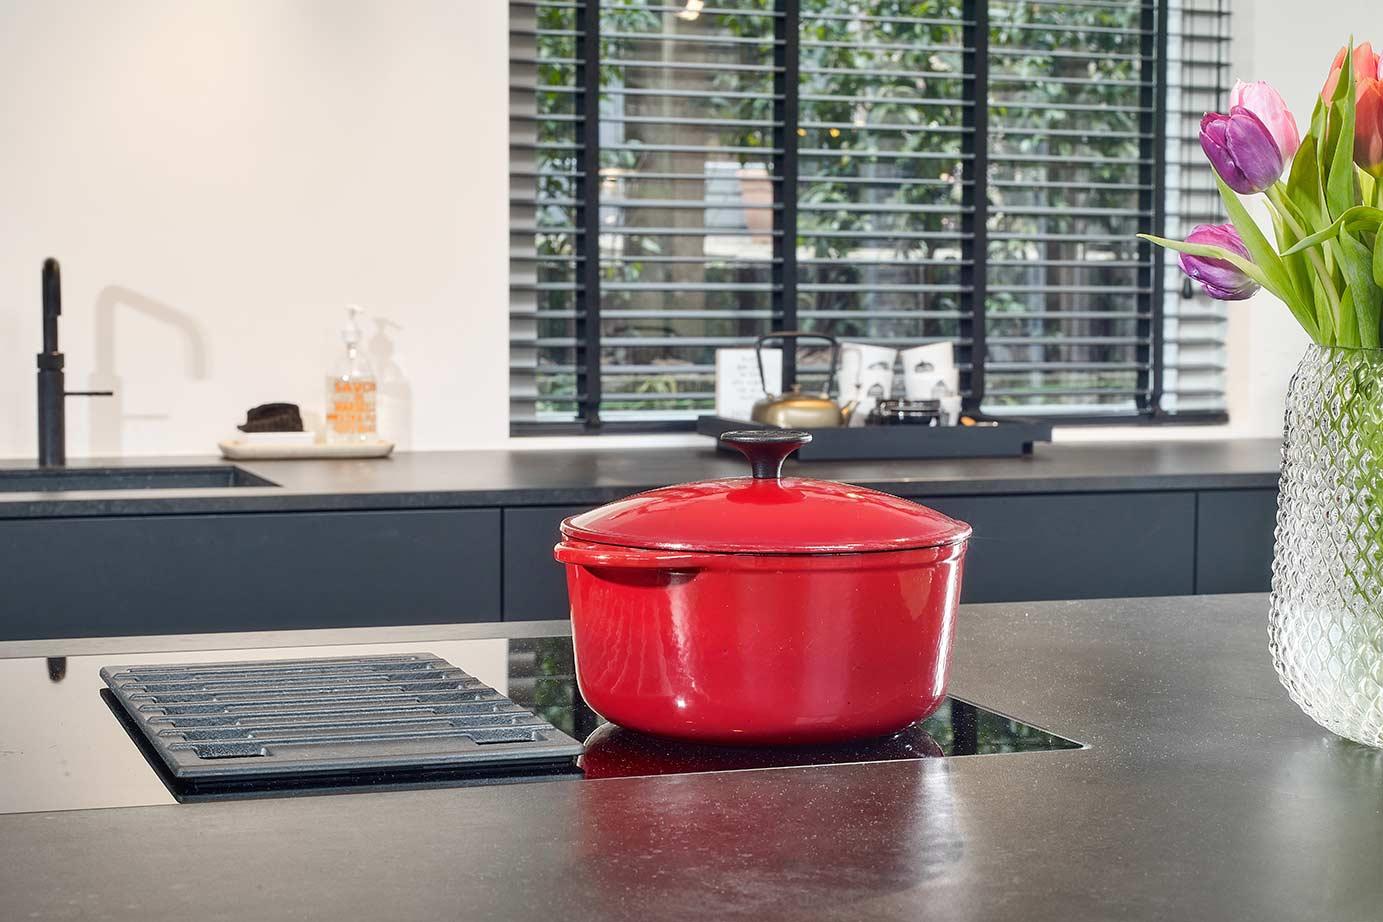 Bekijk Deze Mat Zwarte Keuken In Utrecht Lees Review